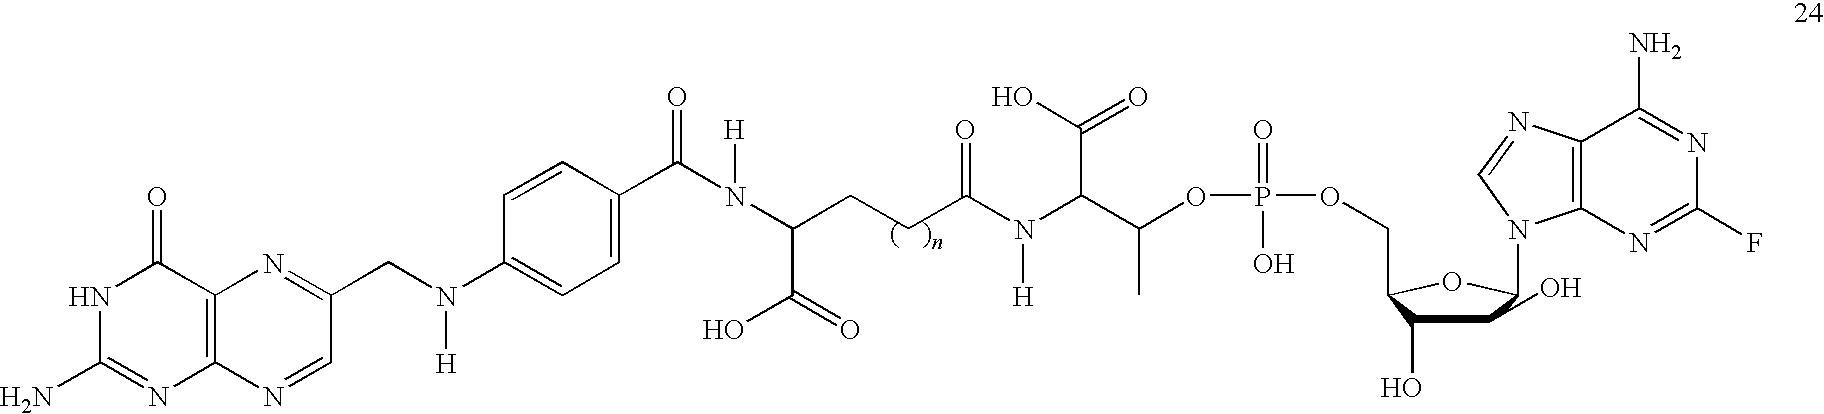 Figure US07833992-20101116-C00026